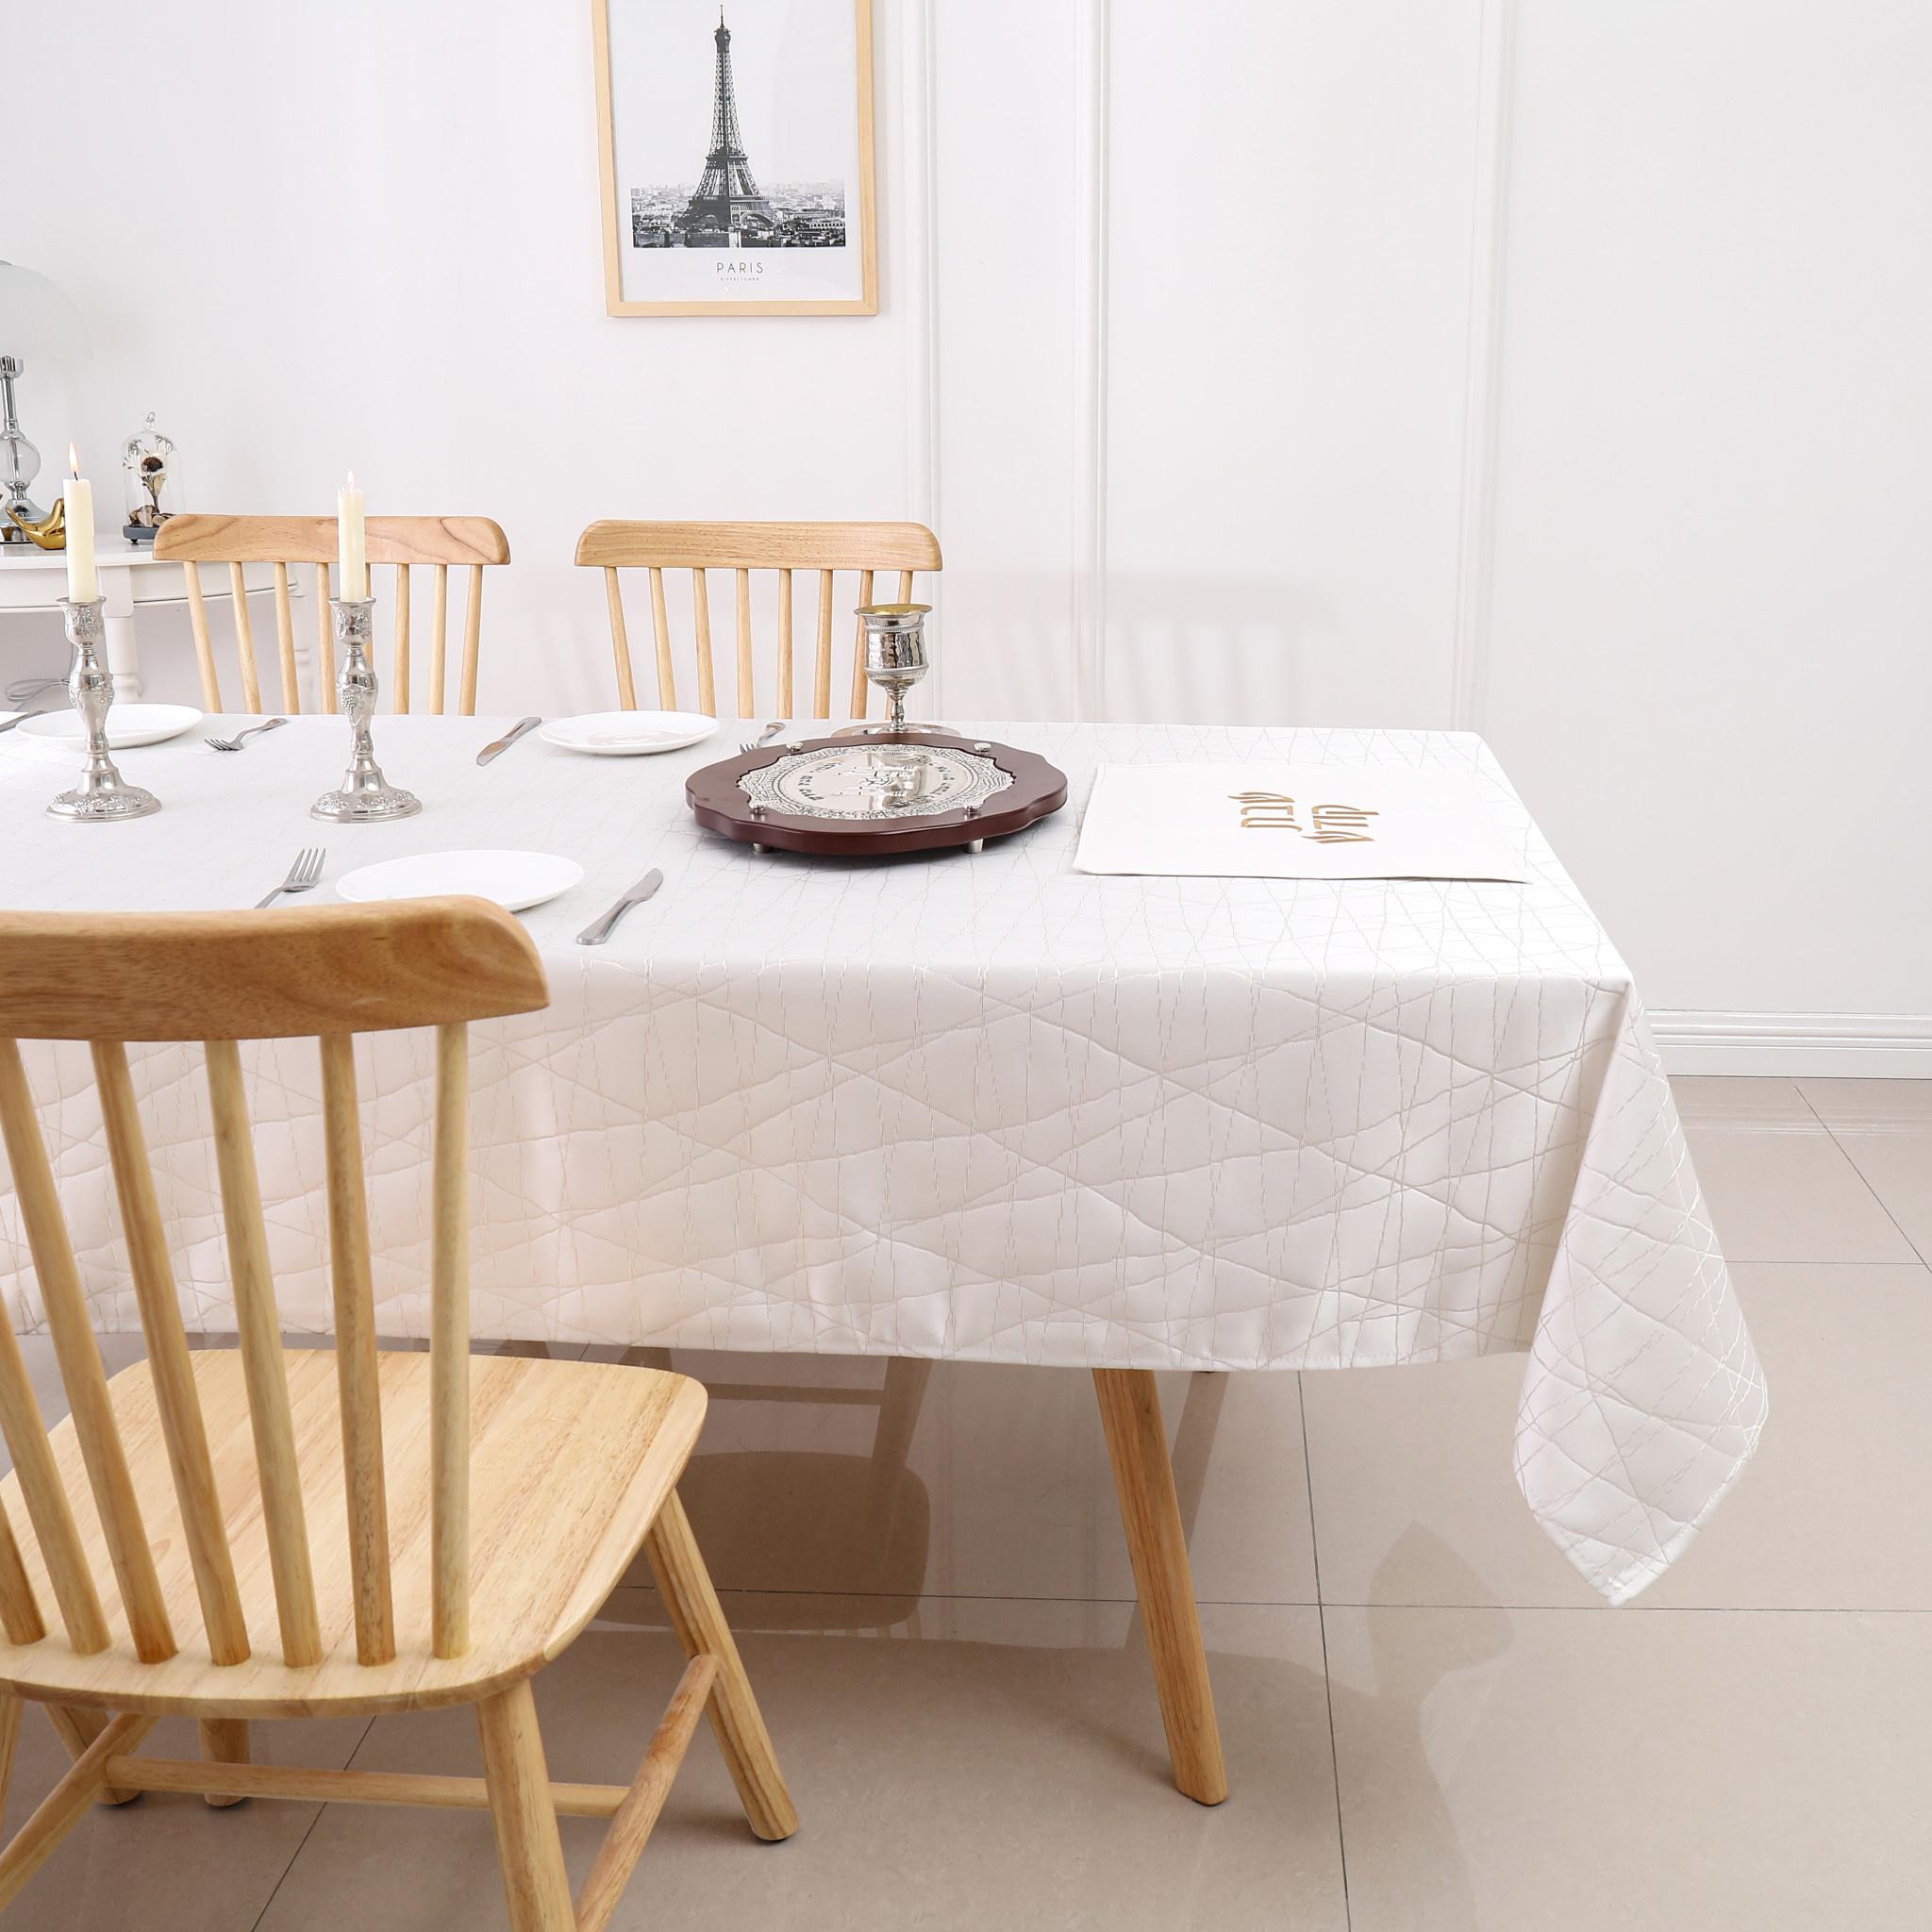 TC1334- 70 x 144 Jacquard White Gold Rays Tablecloth